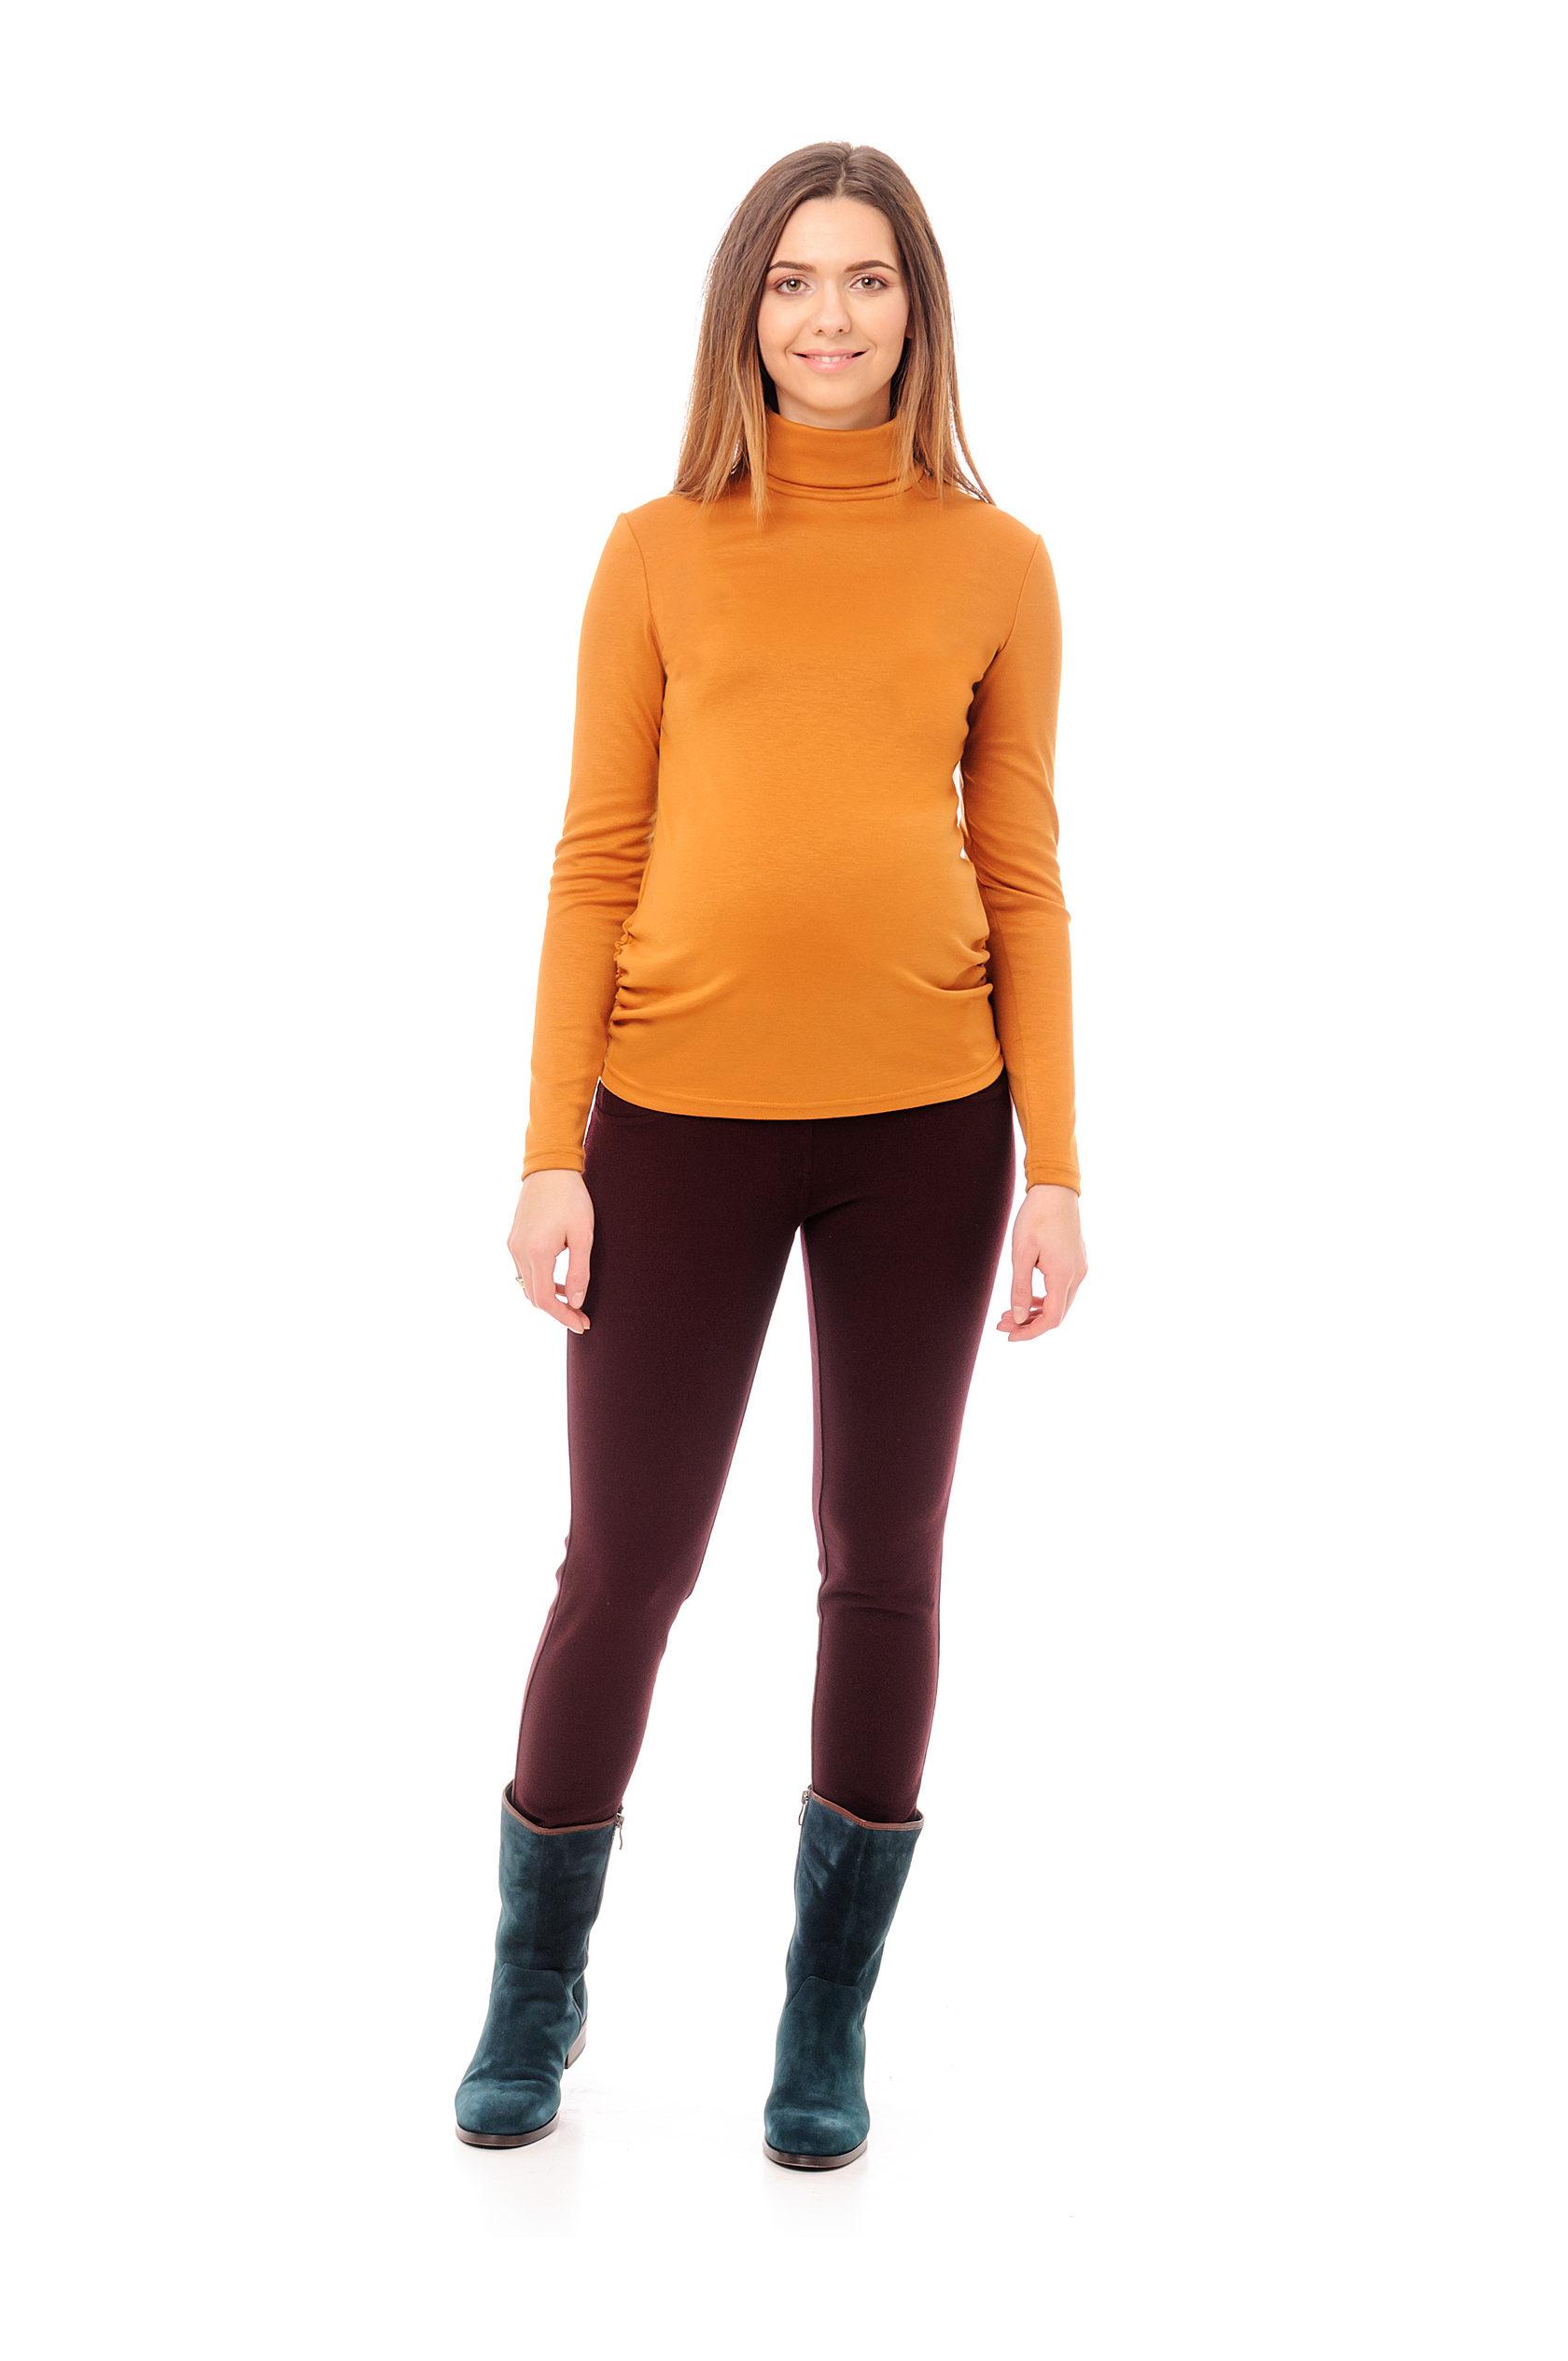 Блузки, рубашки, кардиганы, лонгсливы для беременных и молодых мам ... 951dd447449